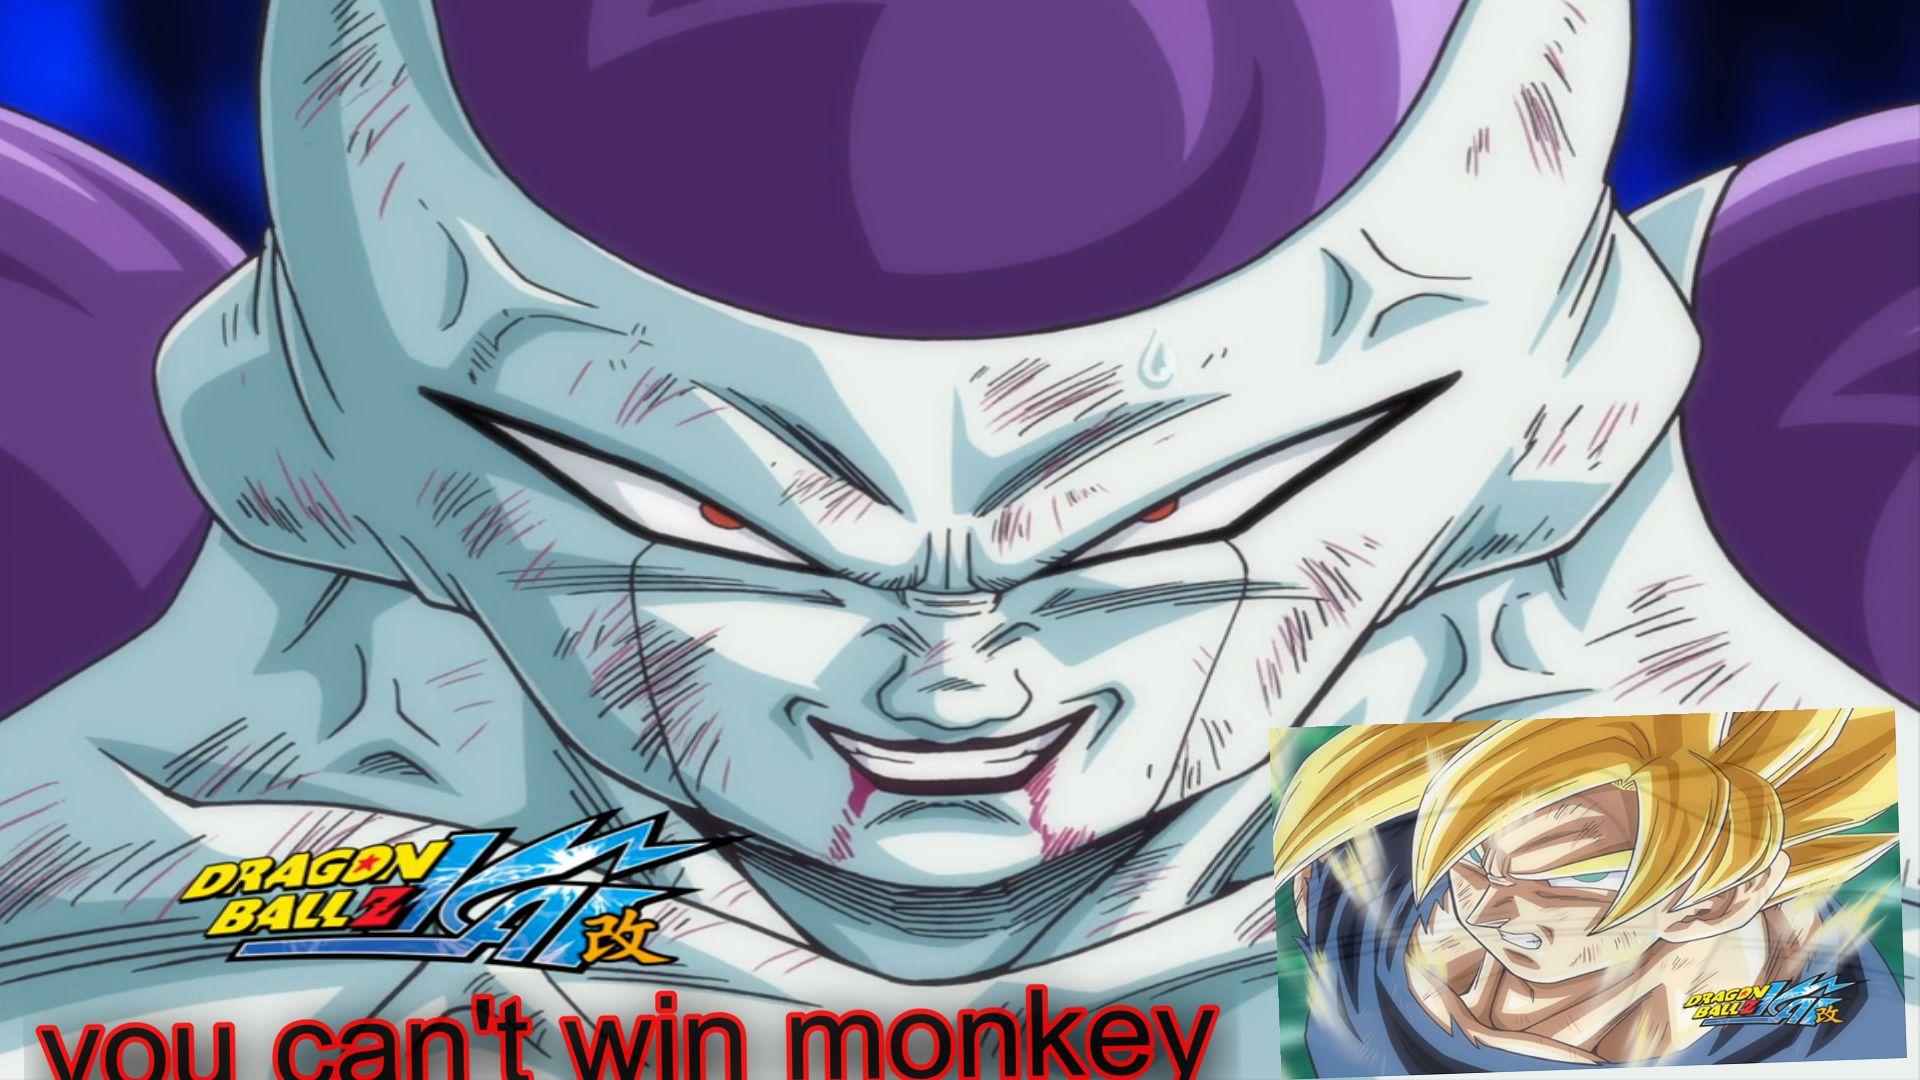 Dragon Ball z Goku vs Frieza Dragon Ball z Frieza vs Goku